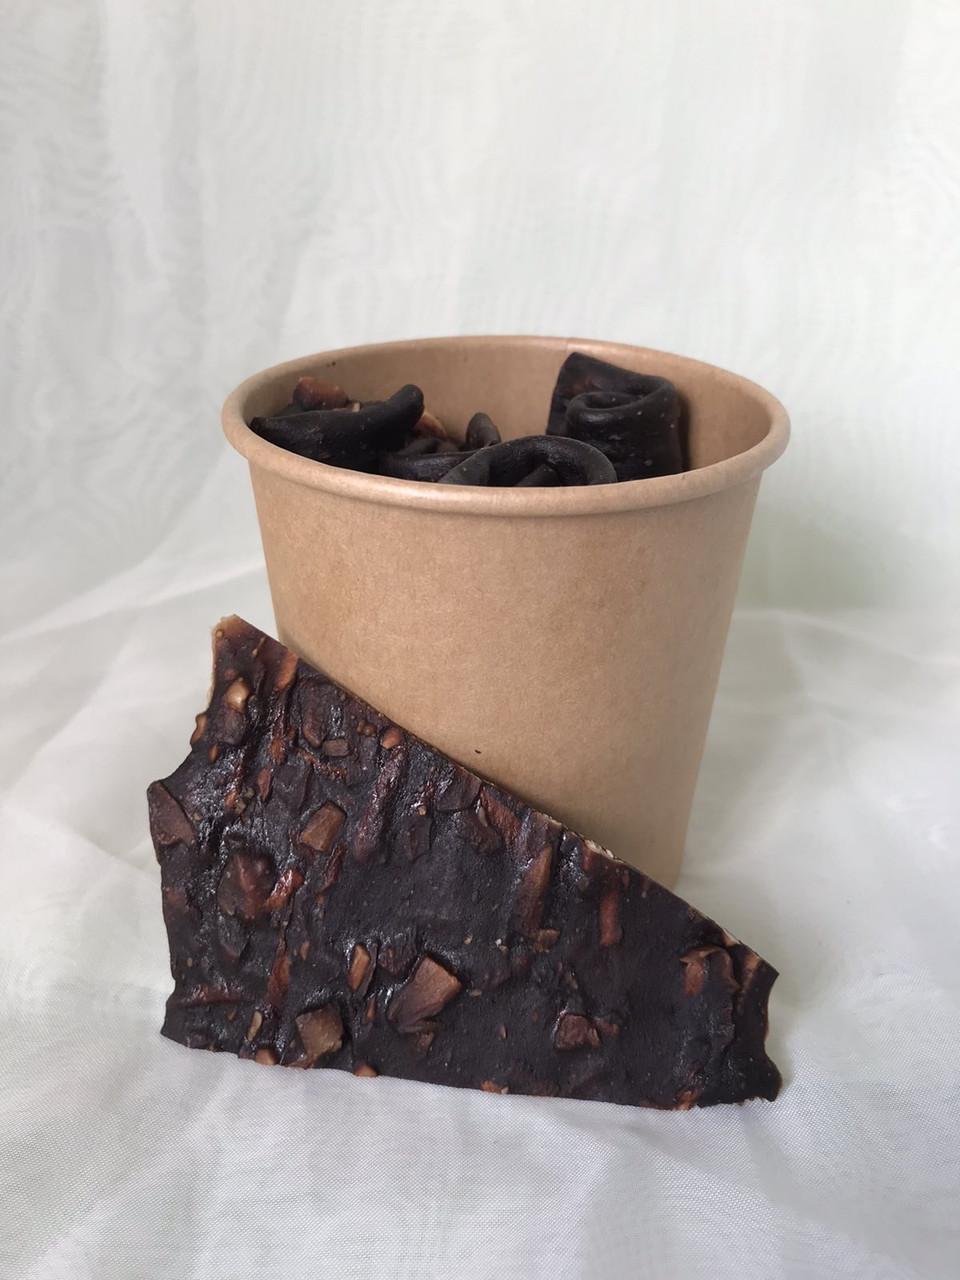 Натуральна шоколадно-горіхова пастила. БЕЗ ЦУКРУ.